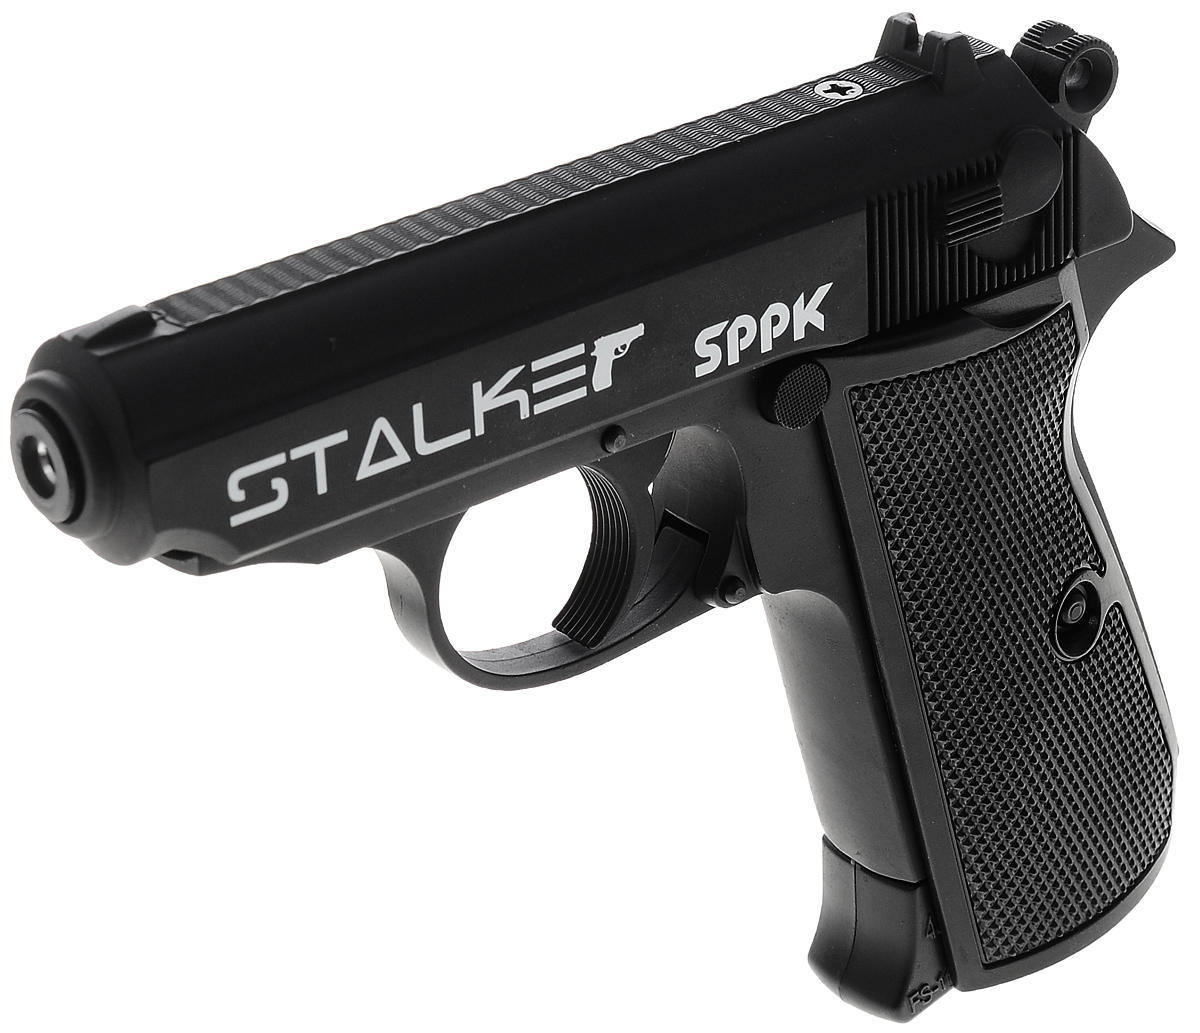 Пистолет пневматический Stalker SPPK, цвет: черныйST-21061PПневматический пистолет Stalker SPPK. Боевой прототип - легендарный пистолет Walther PPK/S. Пистолет Stalker SPPK разрабатывался с учетом многолетнего опыта использования современных пневматических систем и изучения потребностей покупателей. Пистолет имеет подробную инструкцию на русском языке, сопровождающуюся картинками в качестве примера. На обратной стороне коробки приведена подробнейшая информация по ТТХ модели.Stalker SPPK – это компактный и отлично сбалансированный пневматический пистолет, по своей конструкции являющийся аналогом всемирно известного Walther PPK/S. Система стрельбы данного пистолета – полуавтоматическая. Stalker SPPK подходит для учебной и развлекательной стрельбы. Он оснащен системой blowback. Суть ее заключается в том, что после нажатия на спусковой крючок и выталкивания газом шарика из ствола пистолета газ движется в противоположном направлении, заставляя перемещаться затвор конструкции. Другими словами, система blowback имитирует отдачу боевого пистолета, делая стрельбу более реалистичной.Характеристики пистолета:- баллон: СО2, 12 г- емкость магазина: 13 шариков + 1- дульная энергия: до 3 Дж- скорость снаряда: до 120 м/с- система стрельбы: полуавтоматический- длина пистолета: 155 мм- опасная дистанция: до 205 м- вес без упаковки: 700 г.Комплектация:- пистолет- магазин- инструкцияПредупреждение: Не игрушка! Внимание: Перед использованием прочитать все инструкции. Обращаться с изделием, как и с оружием. Всегда направлять в безопасную сторону как указано в инструкции. Храните инструкцию в безопасном месте для дальнейшего ее использования. Необходим надзор взрослых. Неправильное или небрежное использование может привести к серьезным травмам или смерти. Может быть опасным до 205 м. Данная пневматика разрешена к использованию лицами, достигшими 18 лет и старше. Перед использованием прочтите все инструкции. Пользователь должен соответствовать всем требованиям, установленным всеми законами